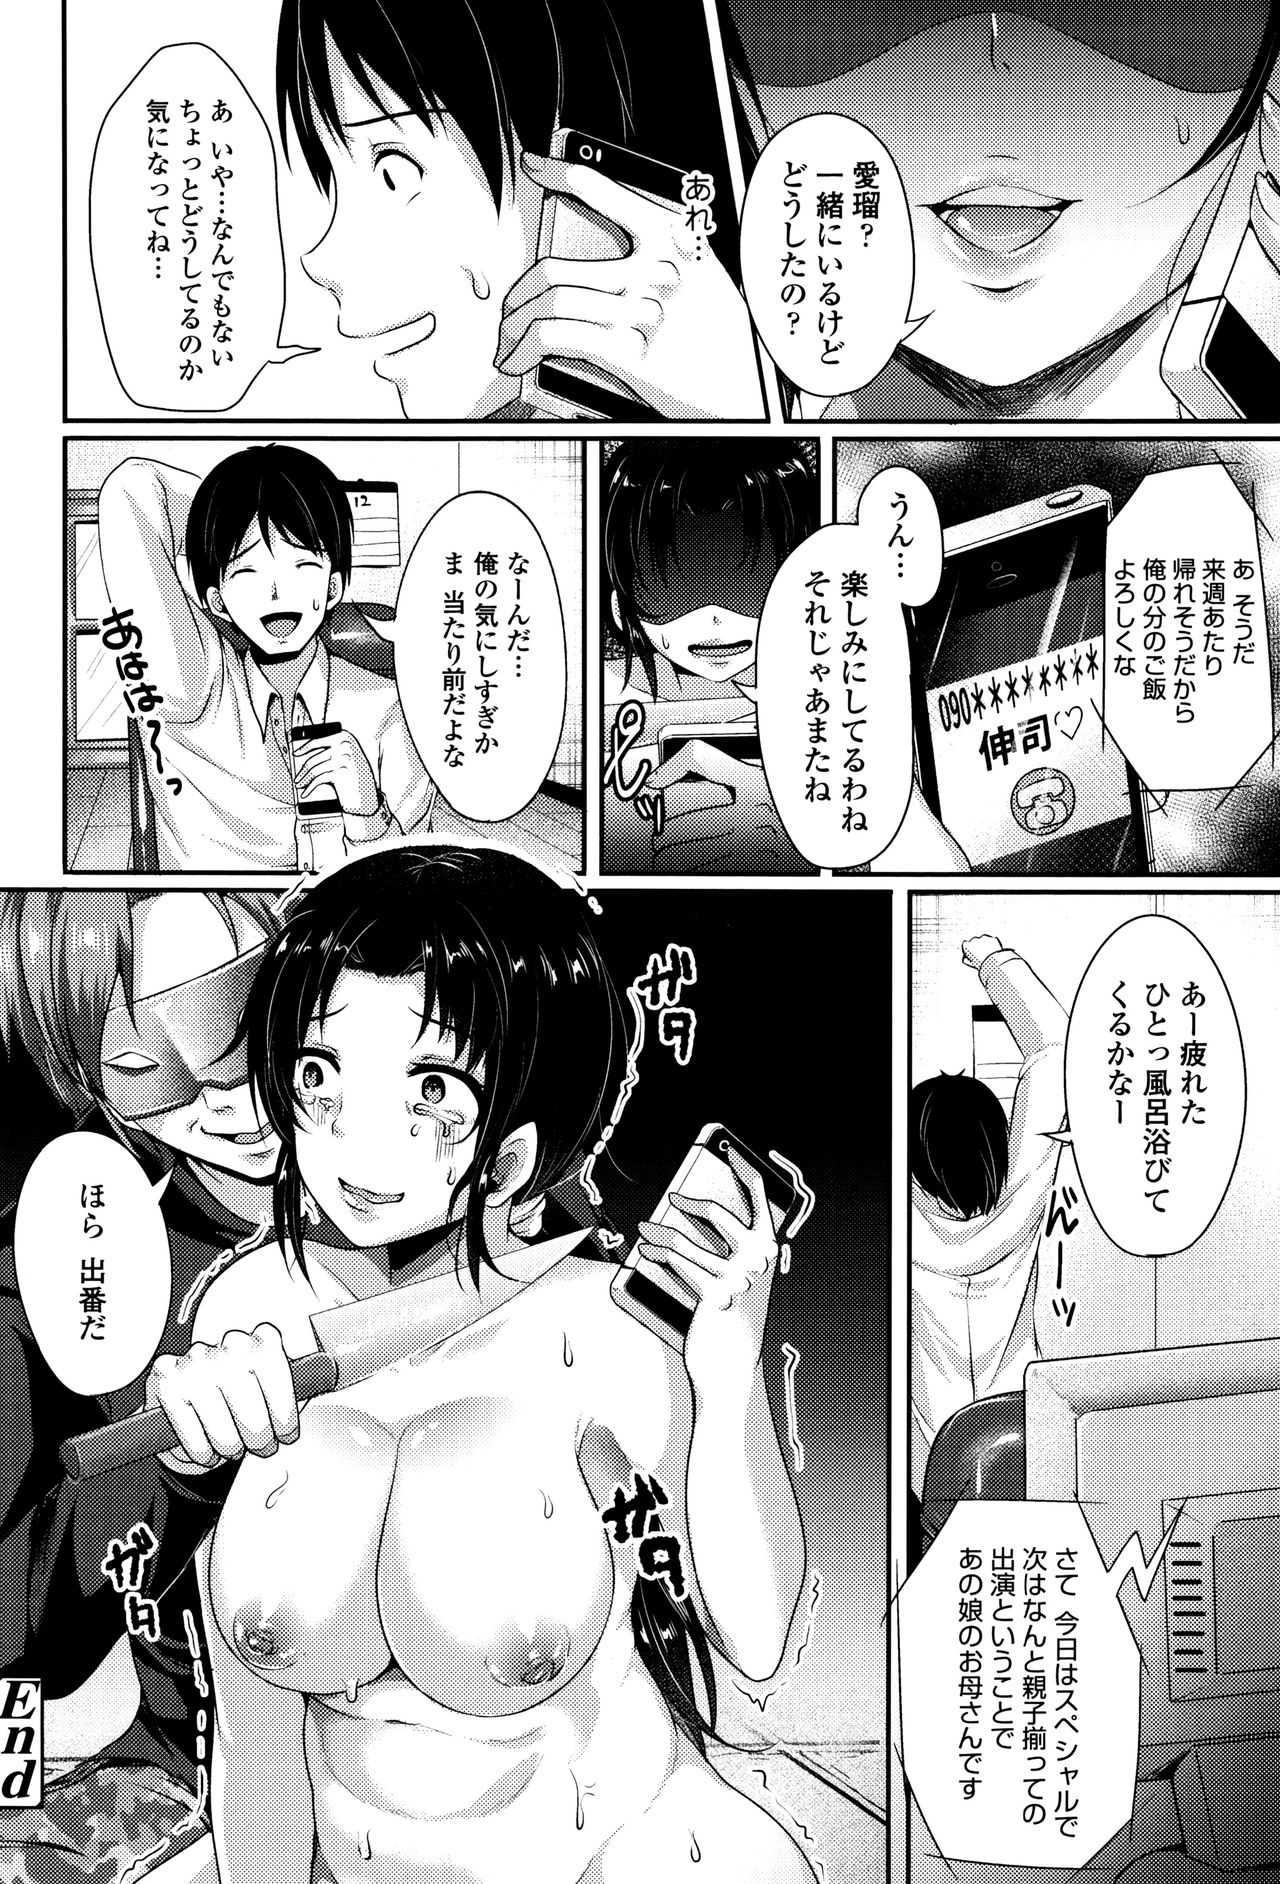 【エロ漫画】ネットで話題の誘拐犯が拉致りたてホヤホヤのJK凌辱レイプ生配信www